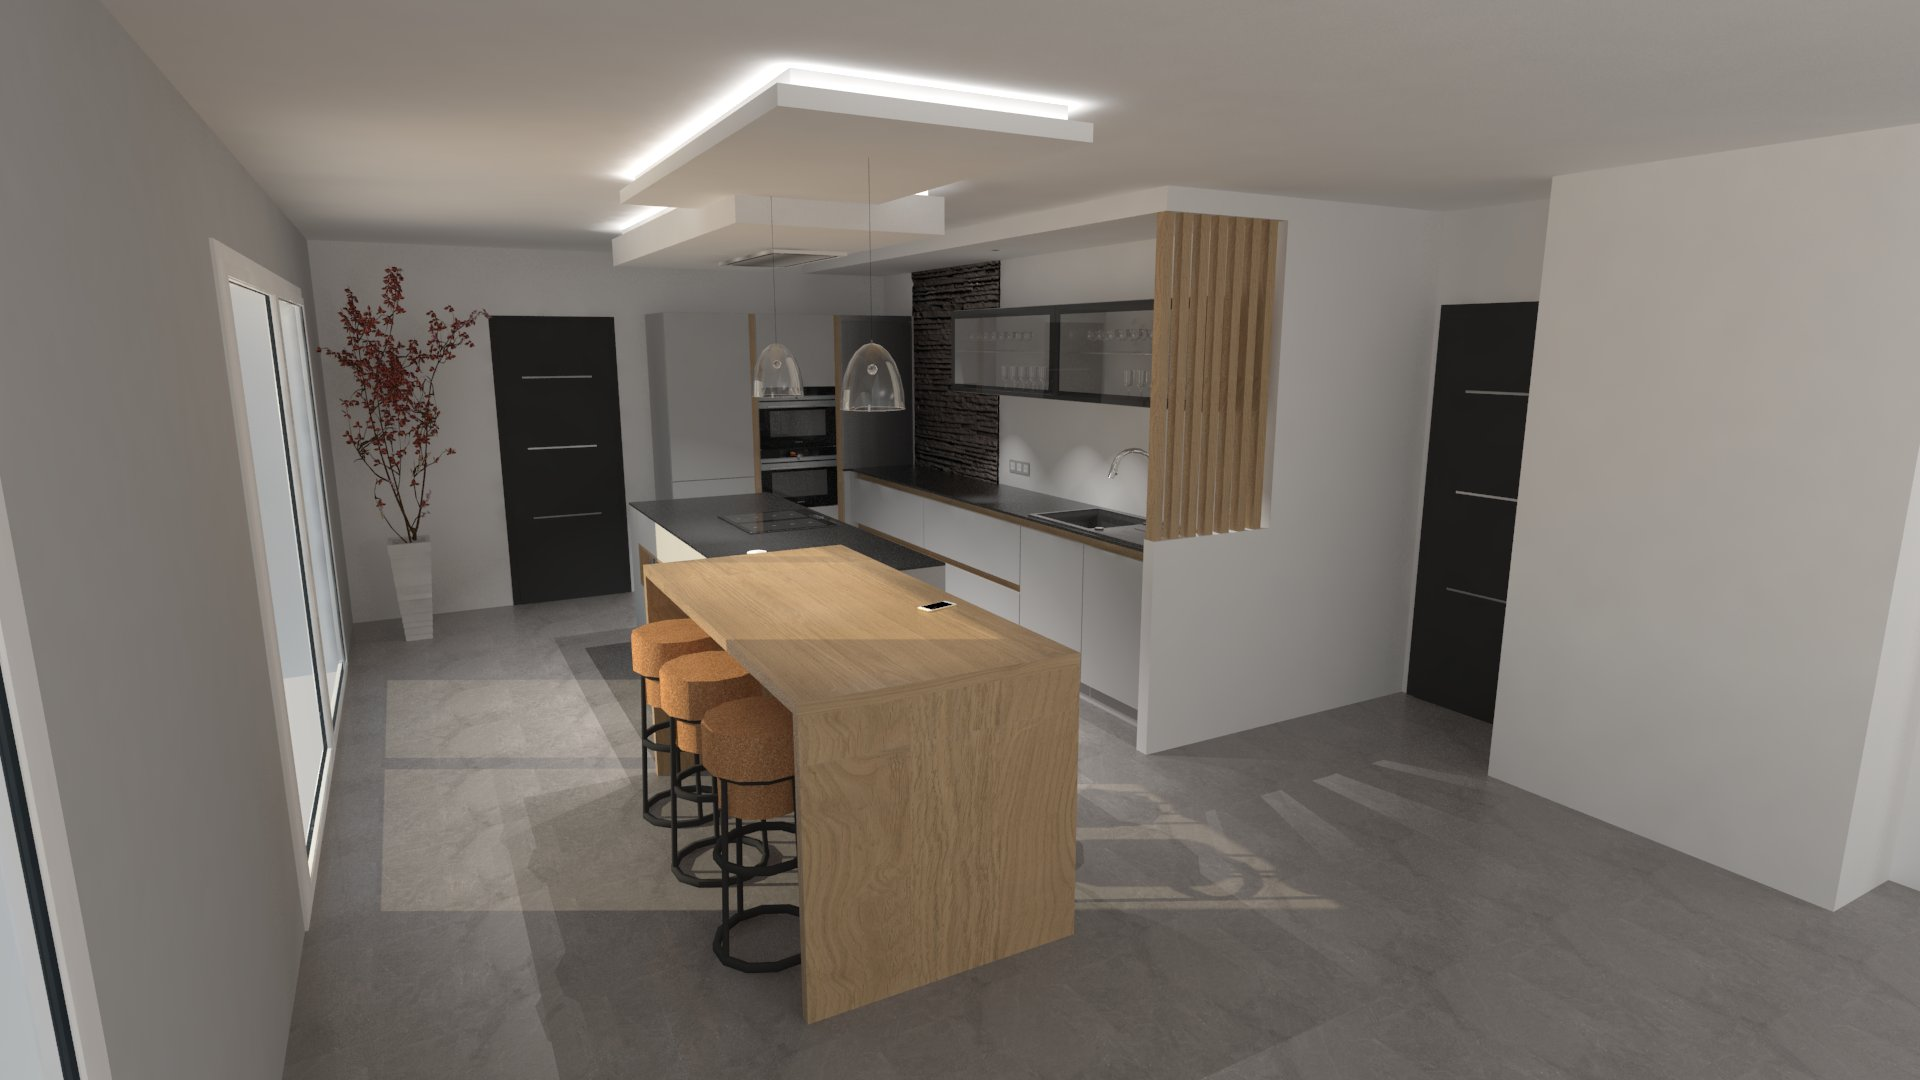 Cuisine design avec ilot gris clair et bois